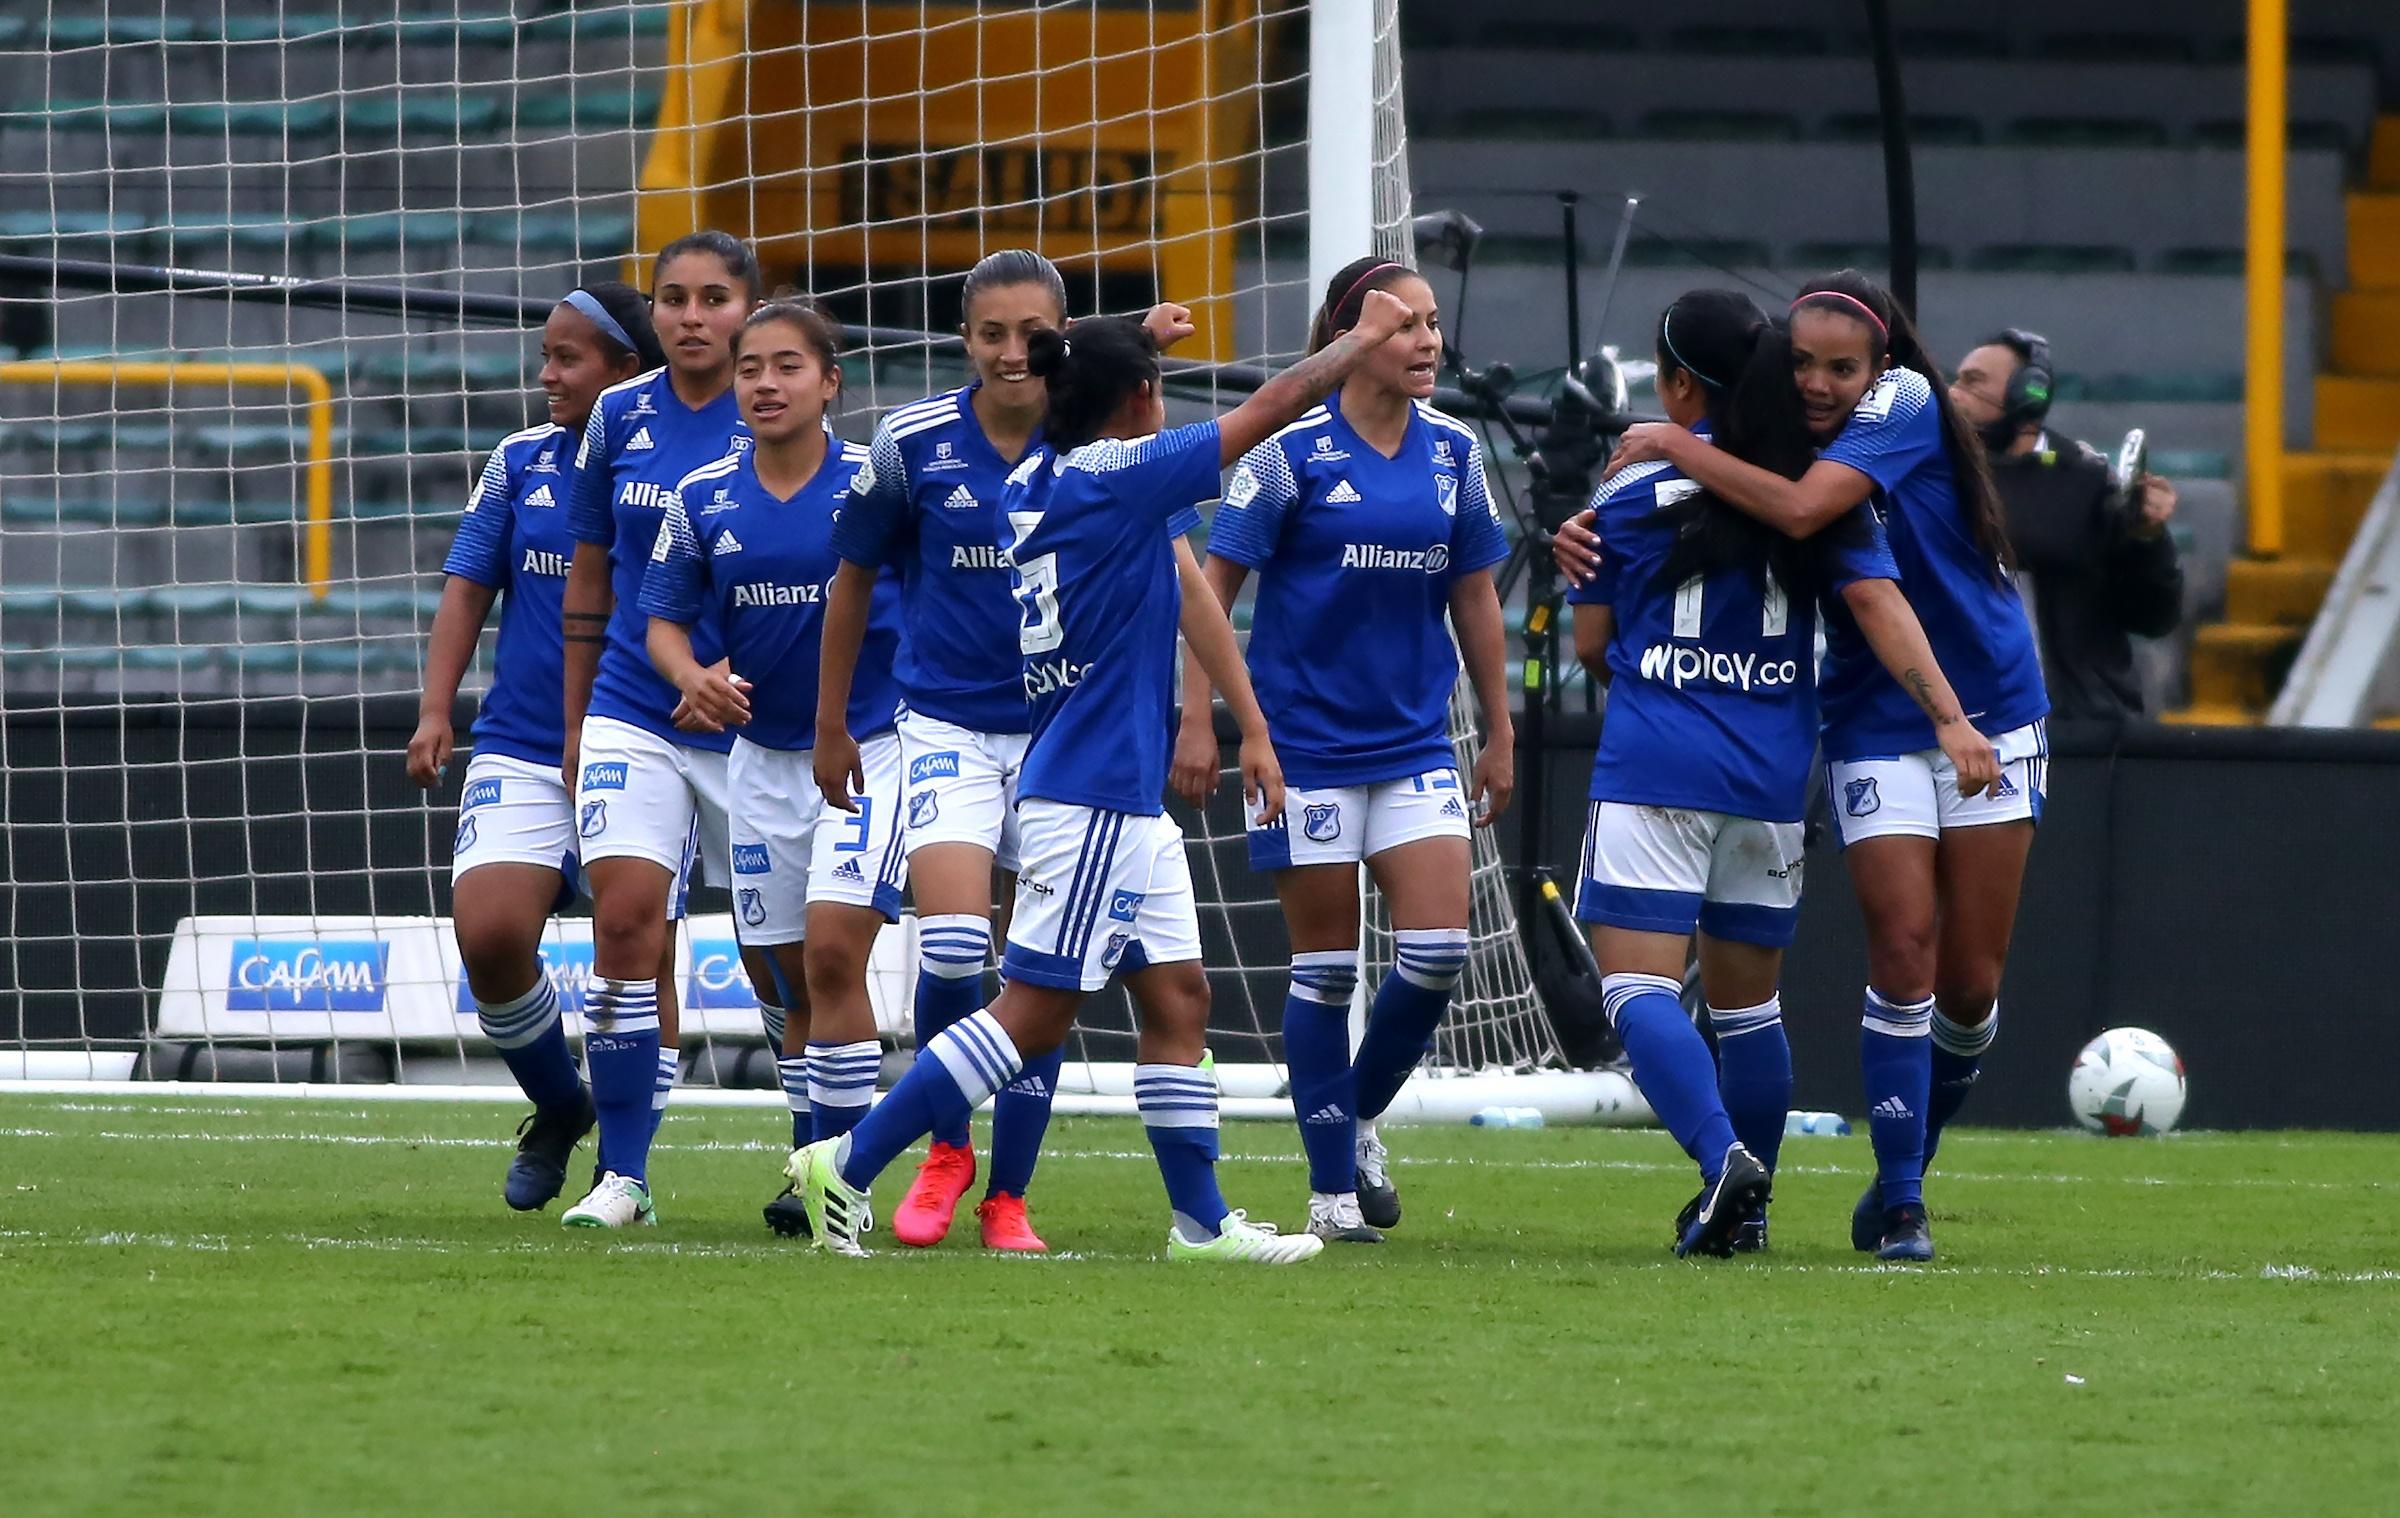 Millonarios cuarto clasificado para cuartos de final de la liga femenina BetPlay Dimayor 2020 - Fémina Fútbol